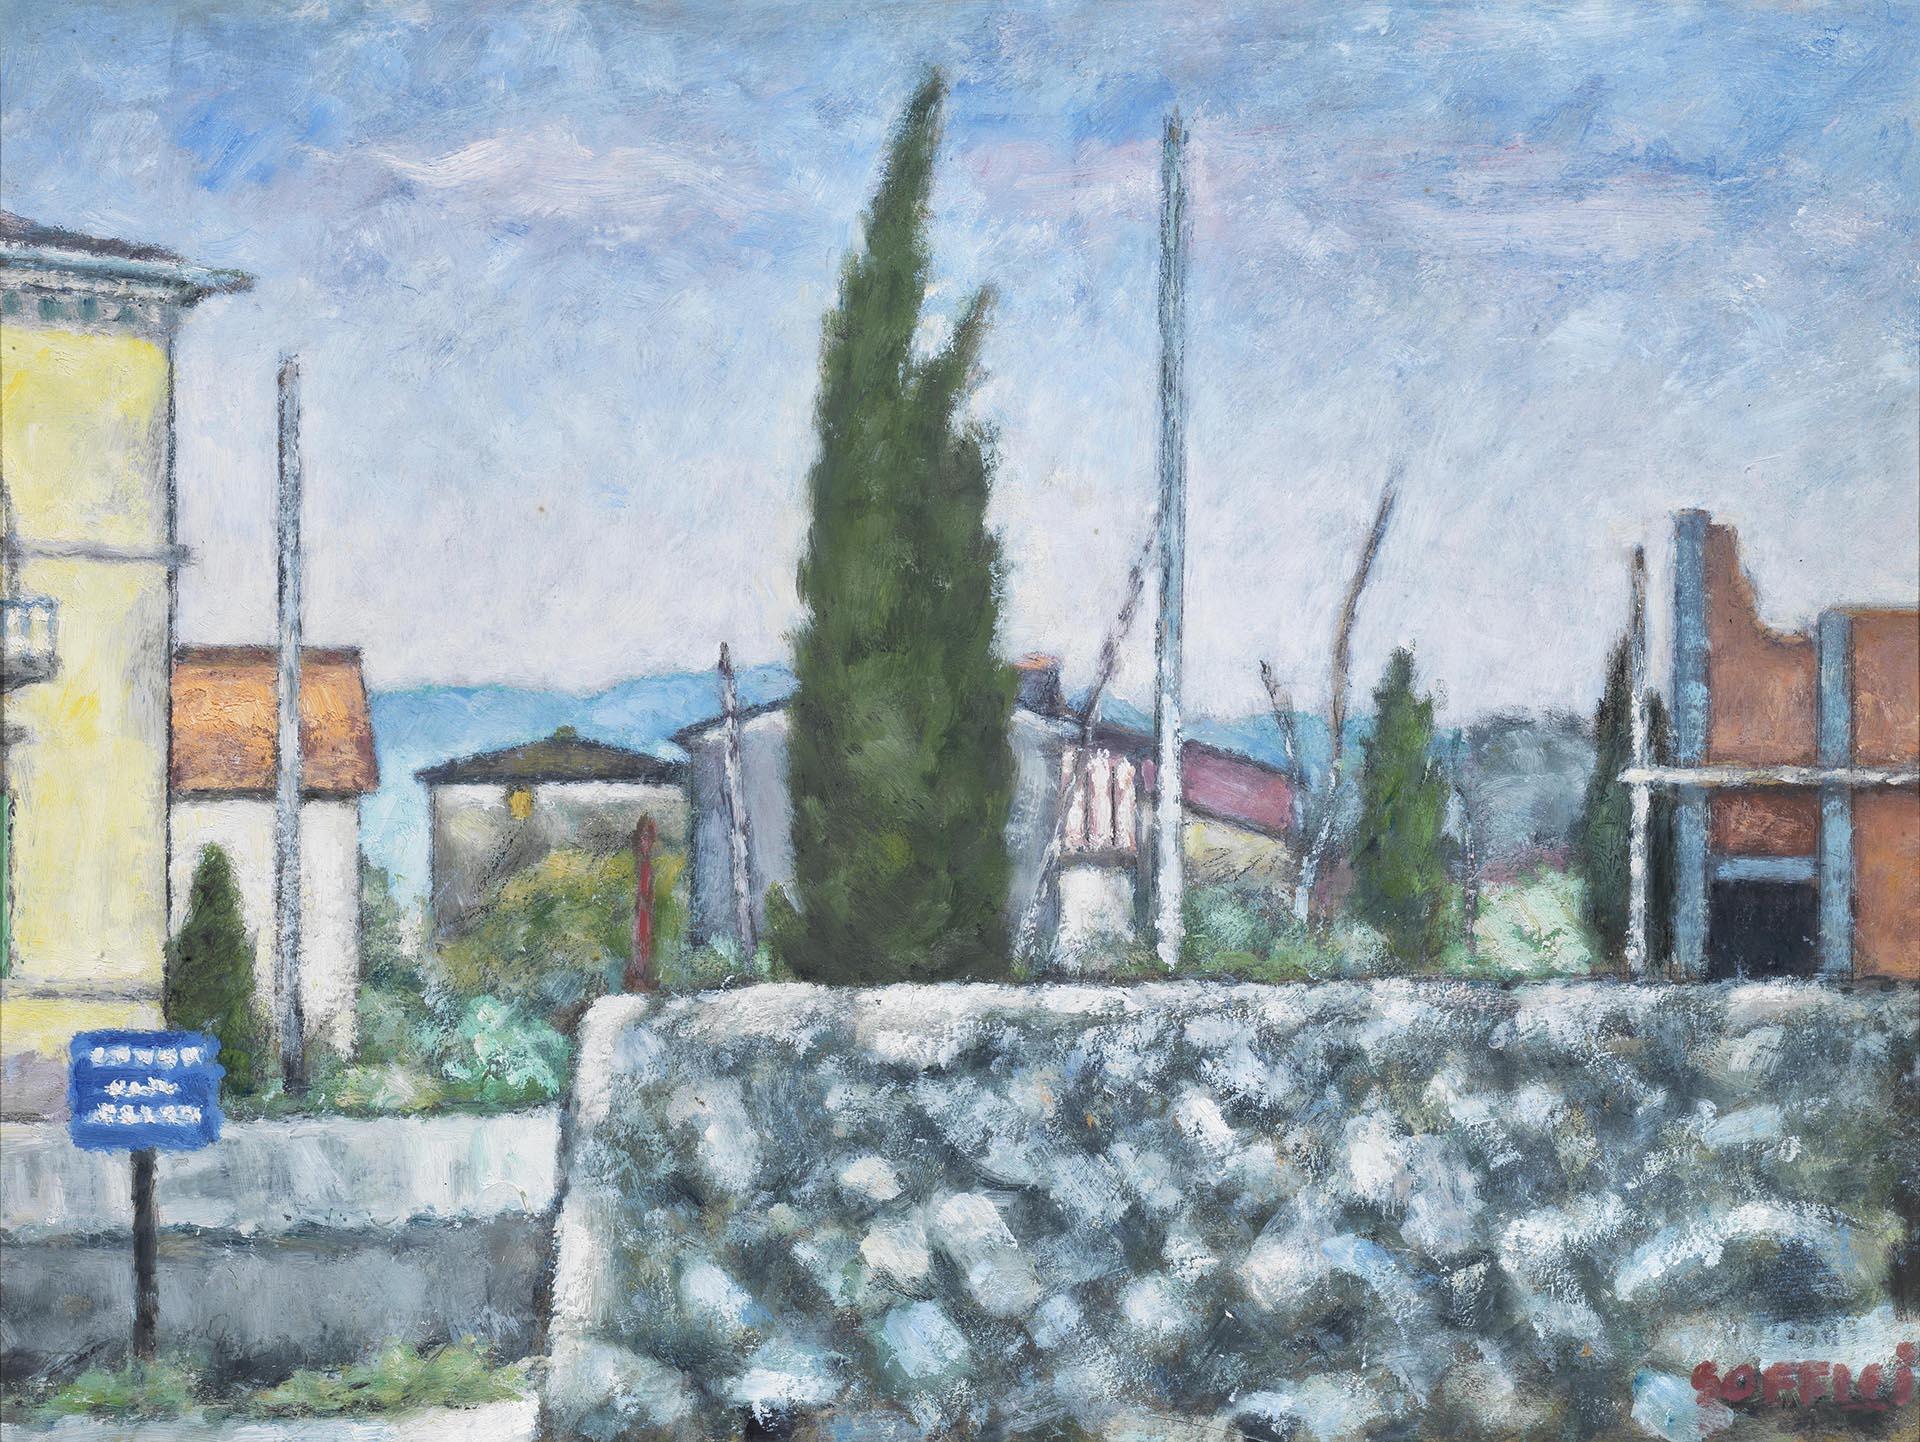 Soffici_Febbraio-a-Poggio-a-Caiano_1961_50x69-cm